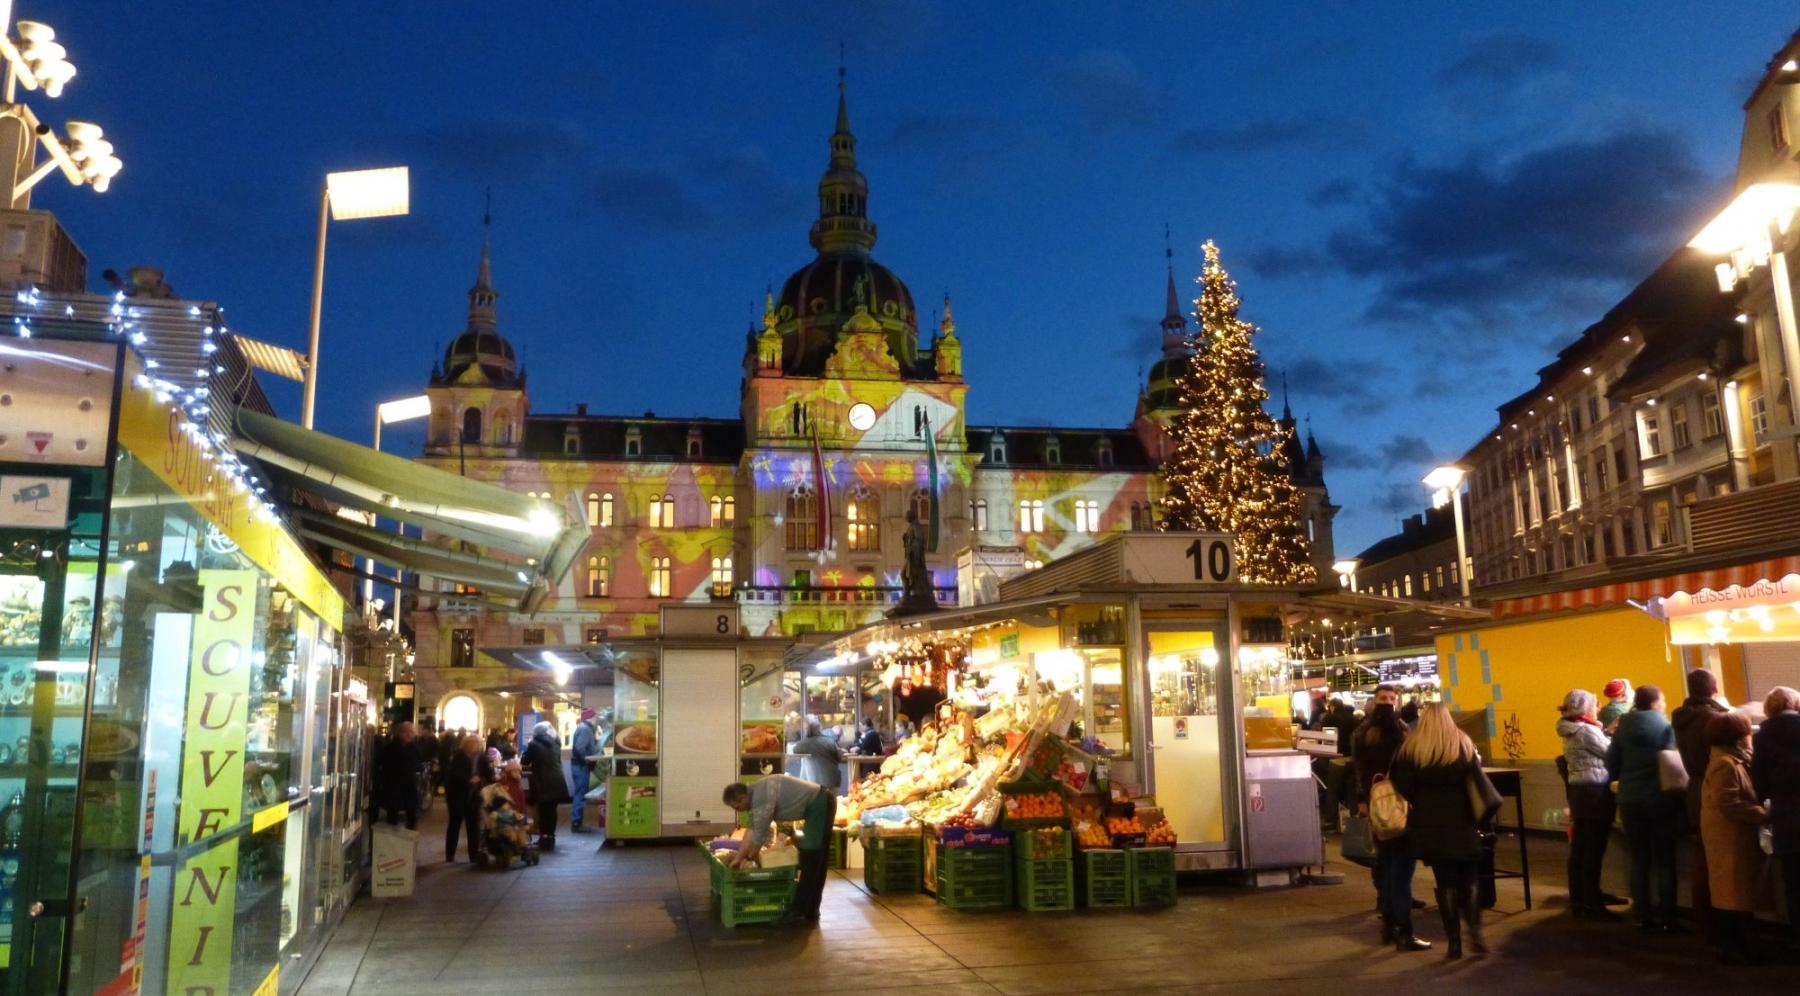 City Hall lit up for Christmas